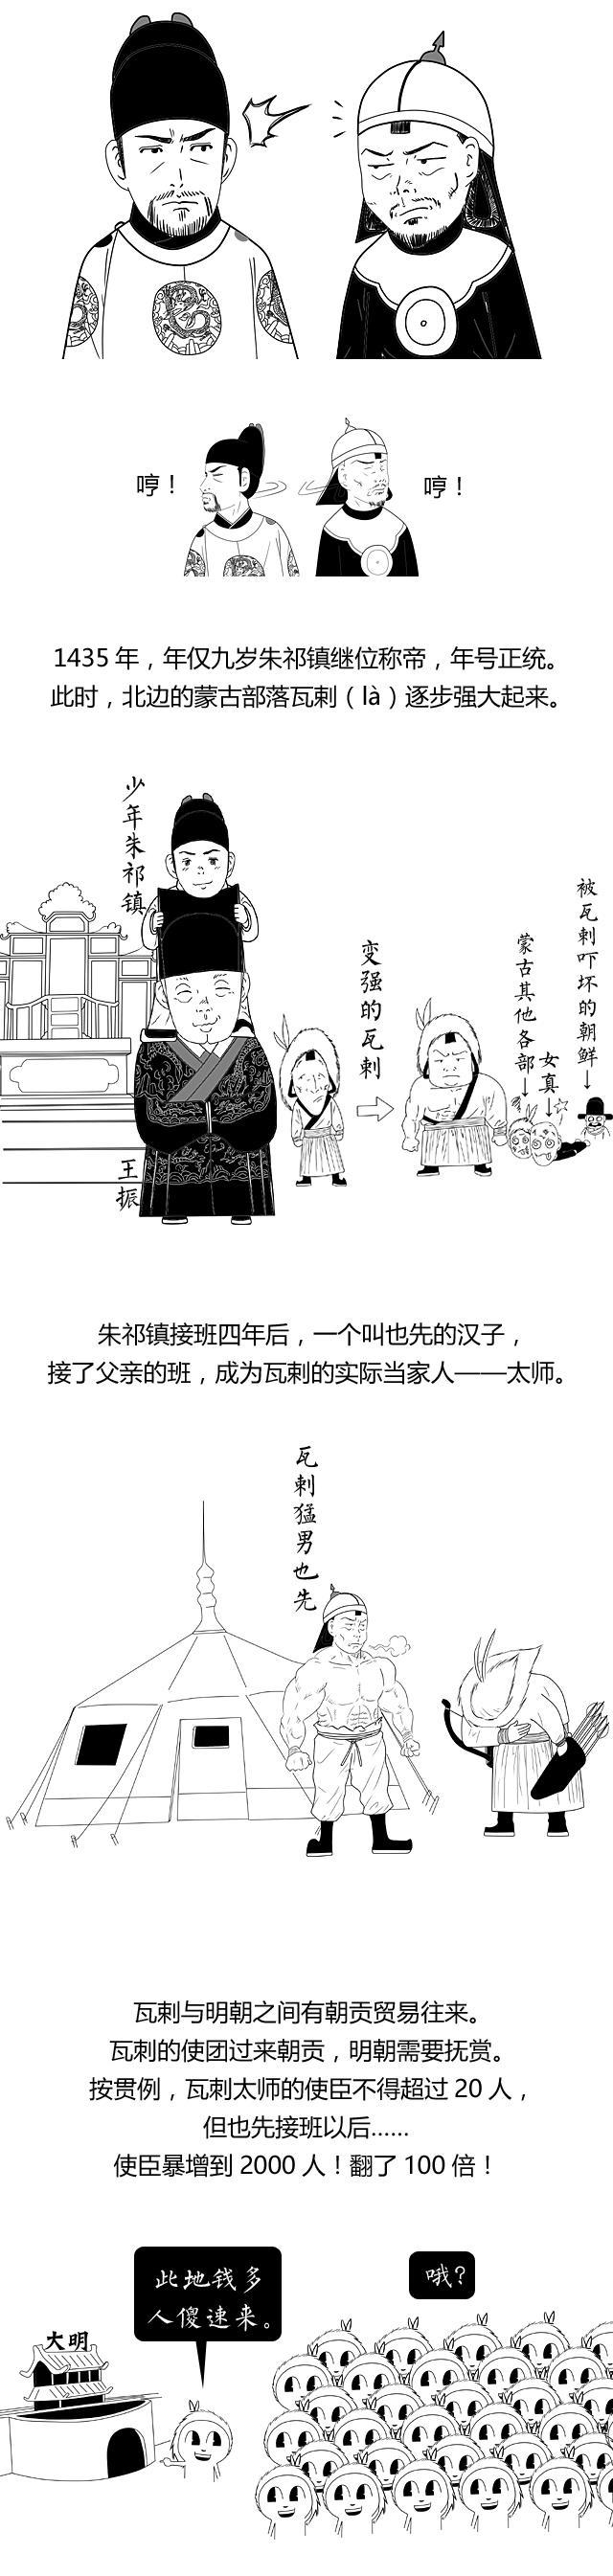 【历史大爆炸】土木堡之变